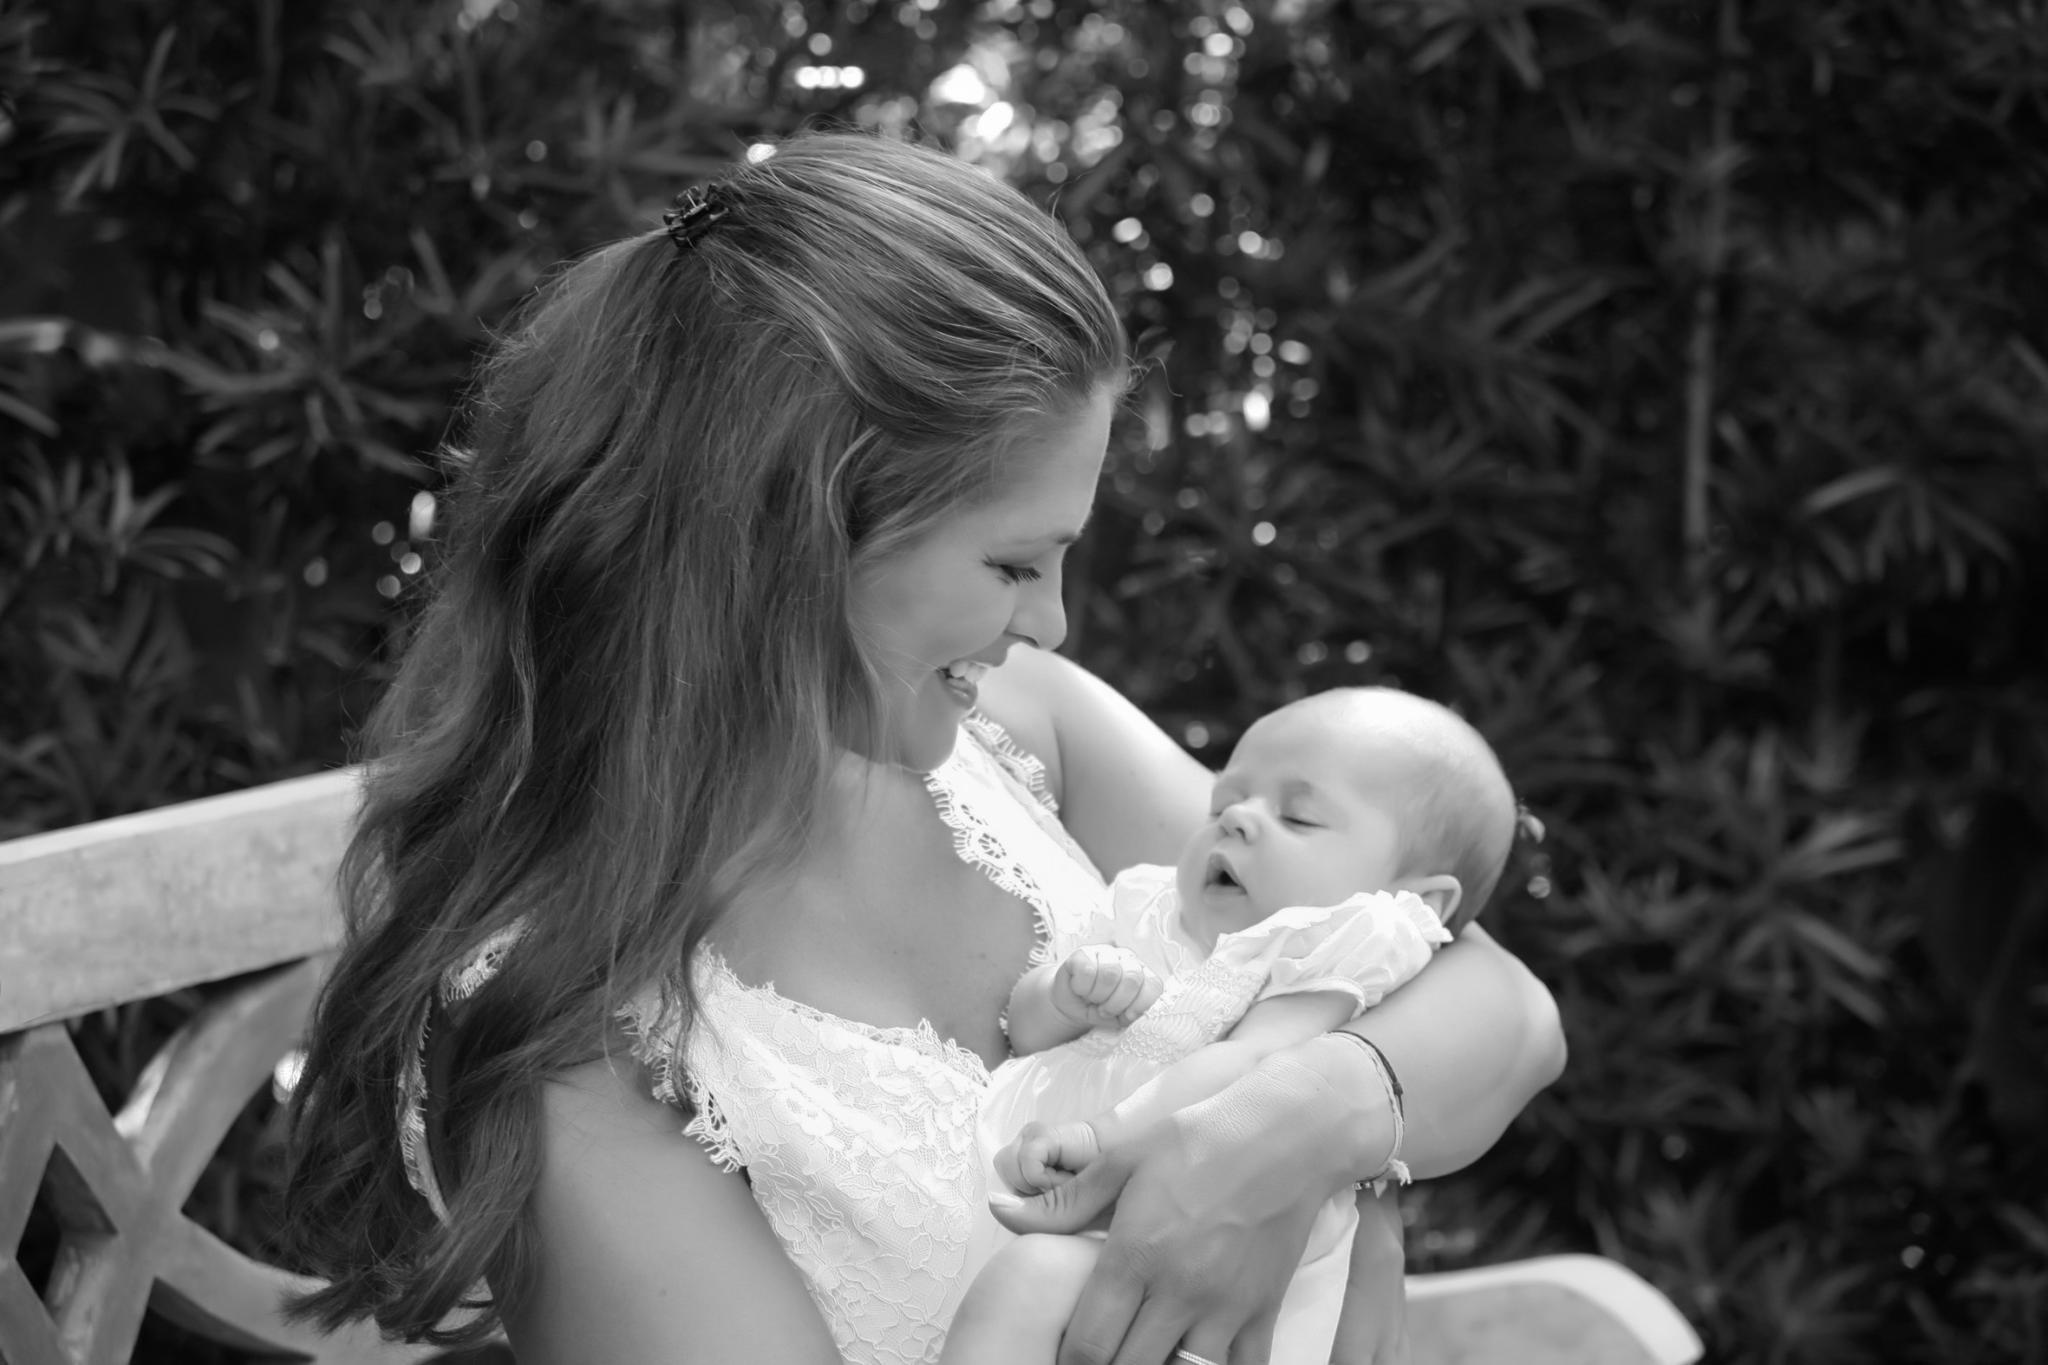 Prinzessin Madeleine mit ihrer Tochter, Prinzessin Leonore von Schweden.